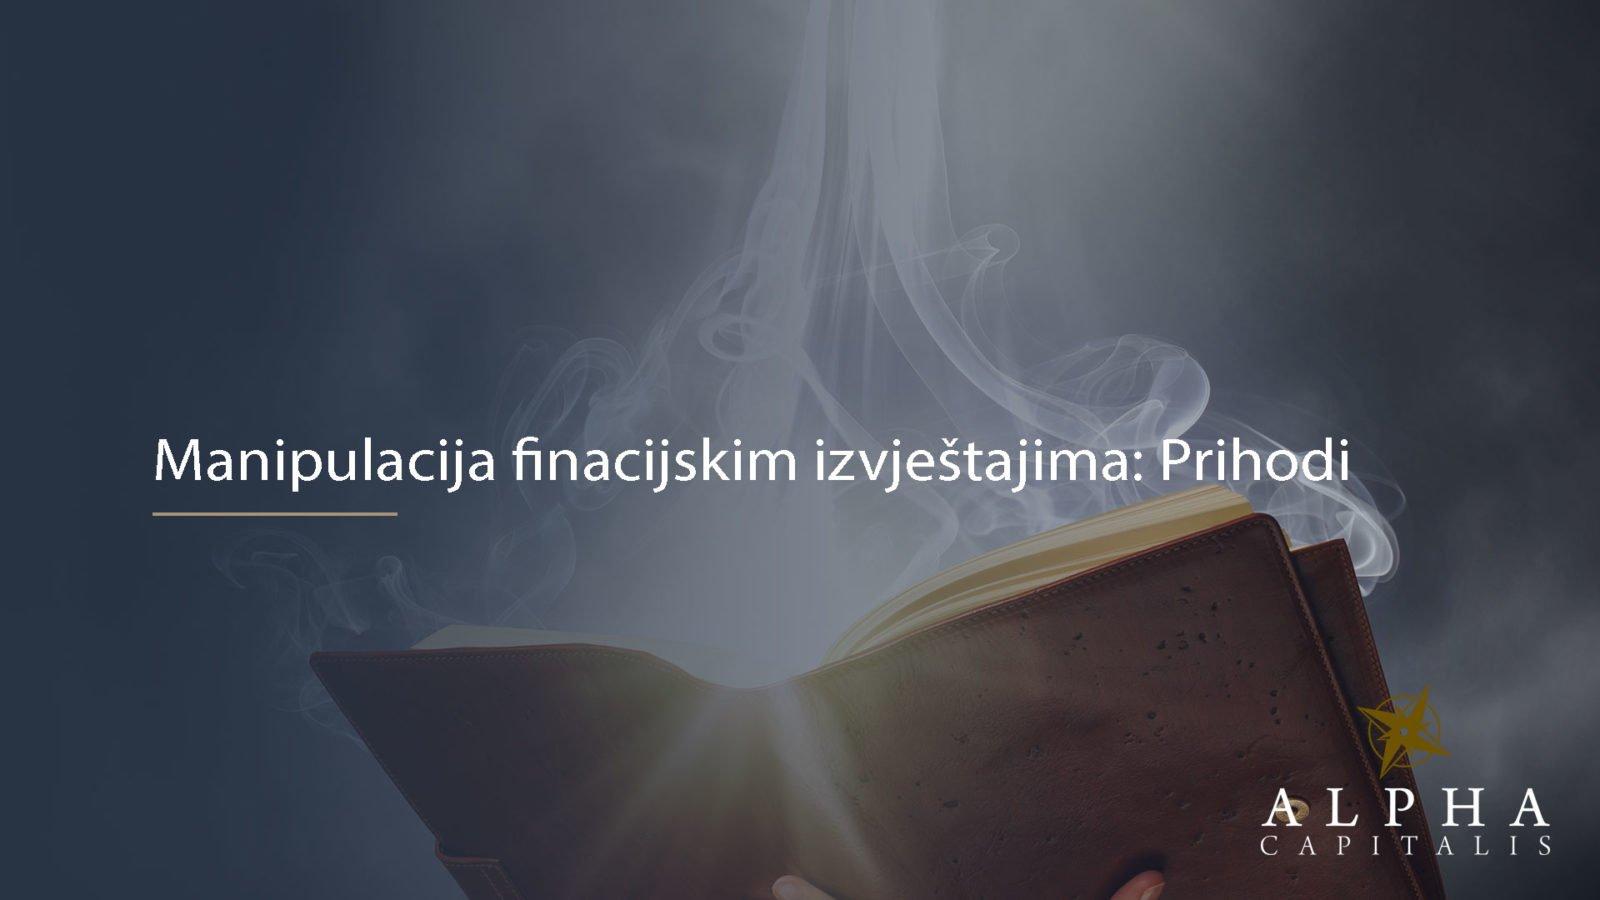 Manipulacija fin.izvjestajima prihodi 2019 11 10 - Manipulacije fin.izvještajima: Tehnike otkrivanja nepravilnosti u priznavanju prihoda